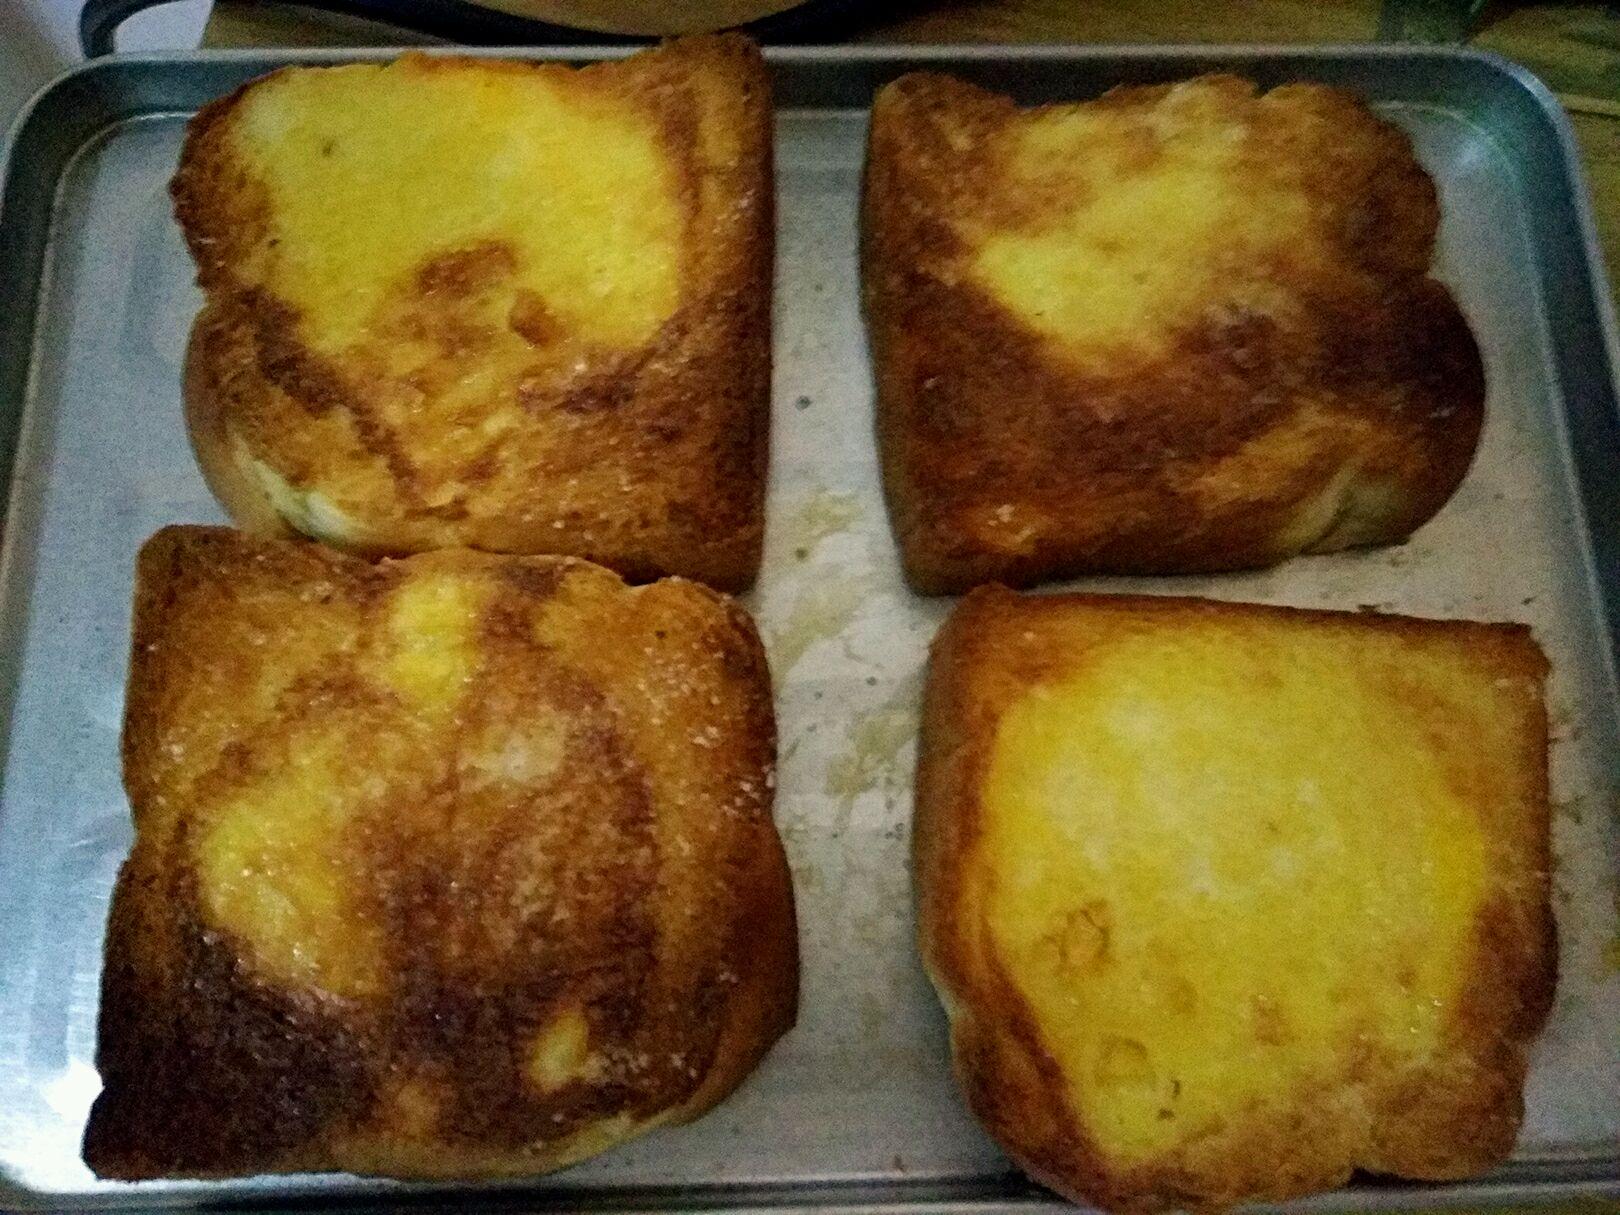 主料 面包 砂糖 烤面包的做法步骤